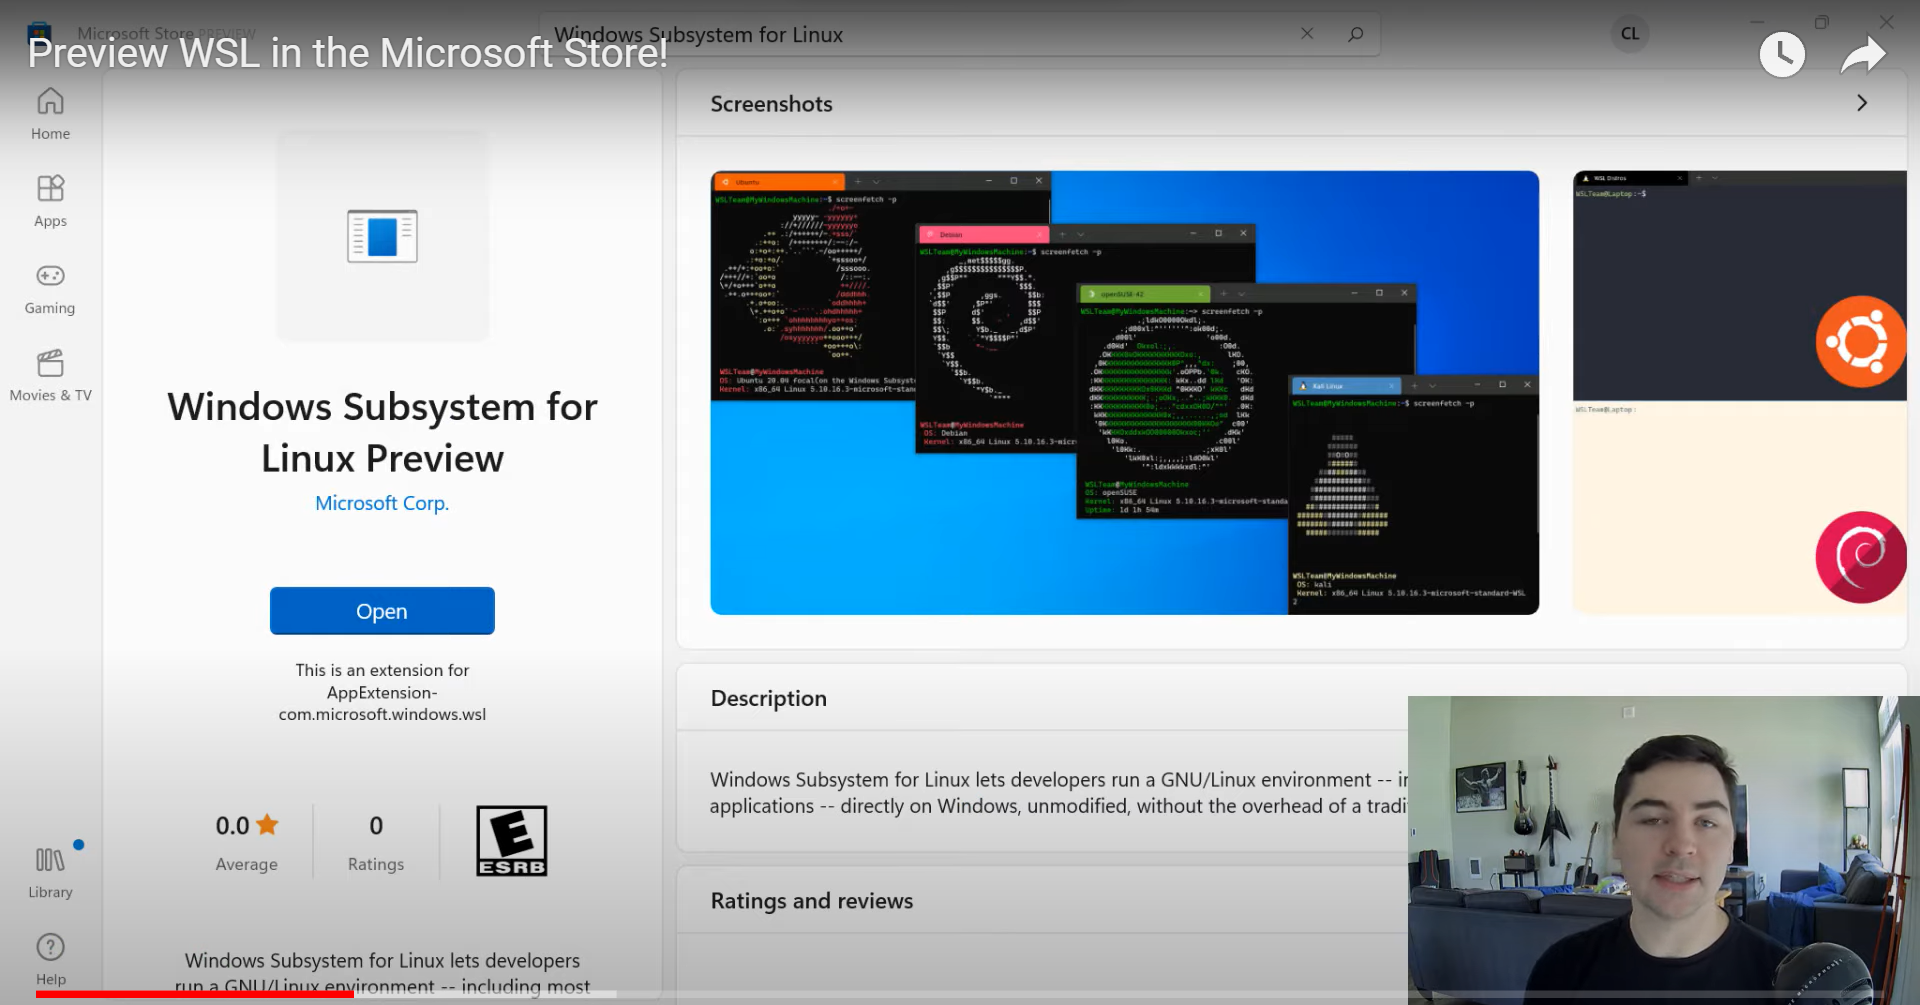 Microsoft publica WSL Preview dentro da Windows 11 Store